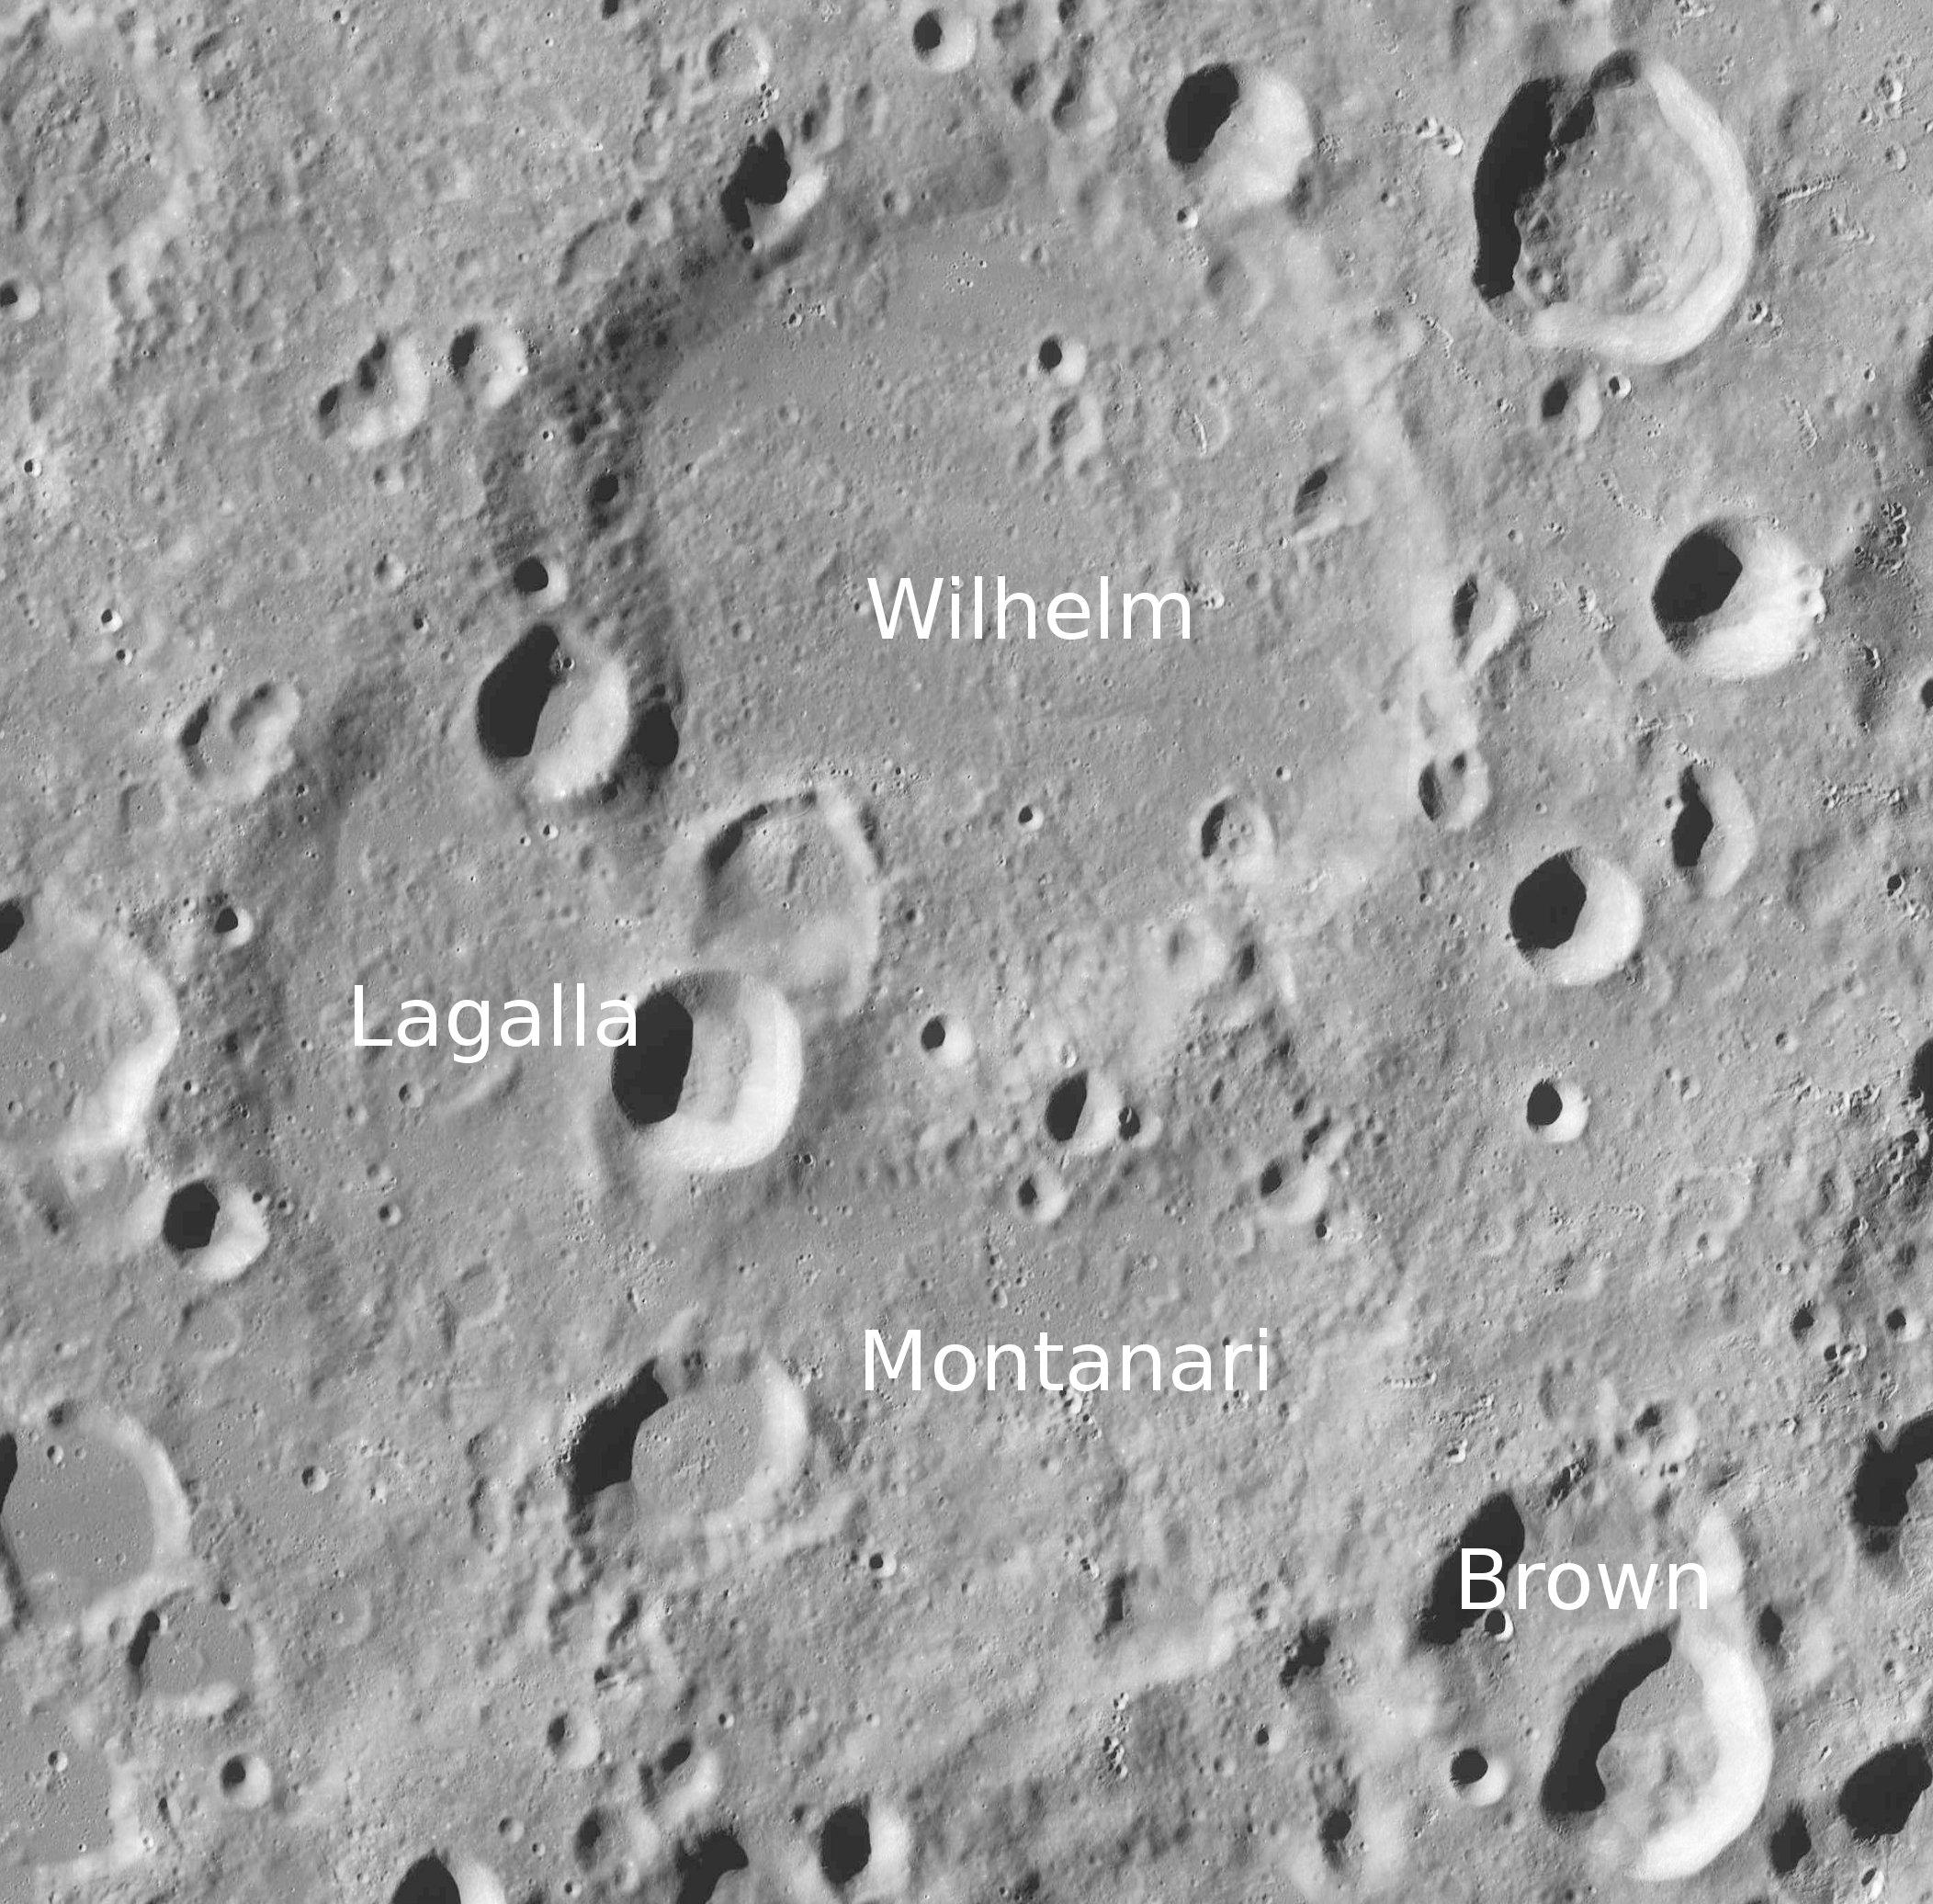 Wilhelm + Lagalla + Montanari + Brown - LROC - WAC.JPG